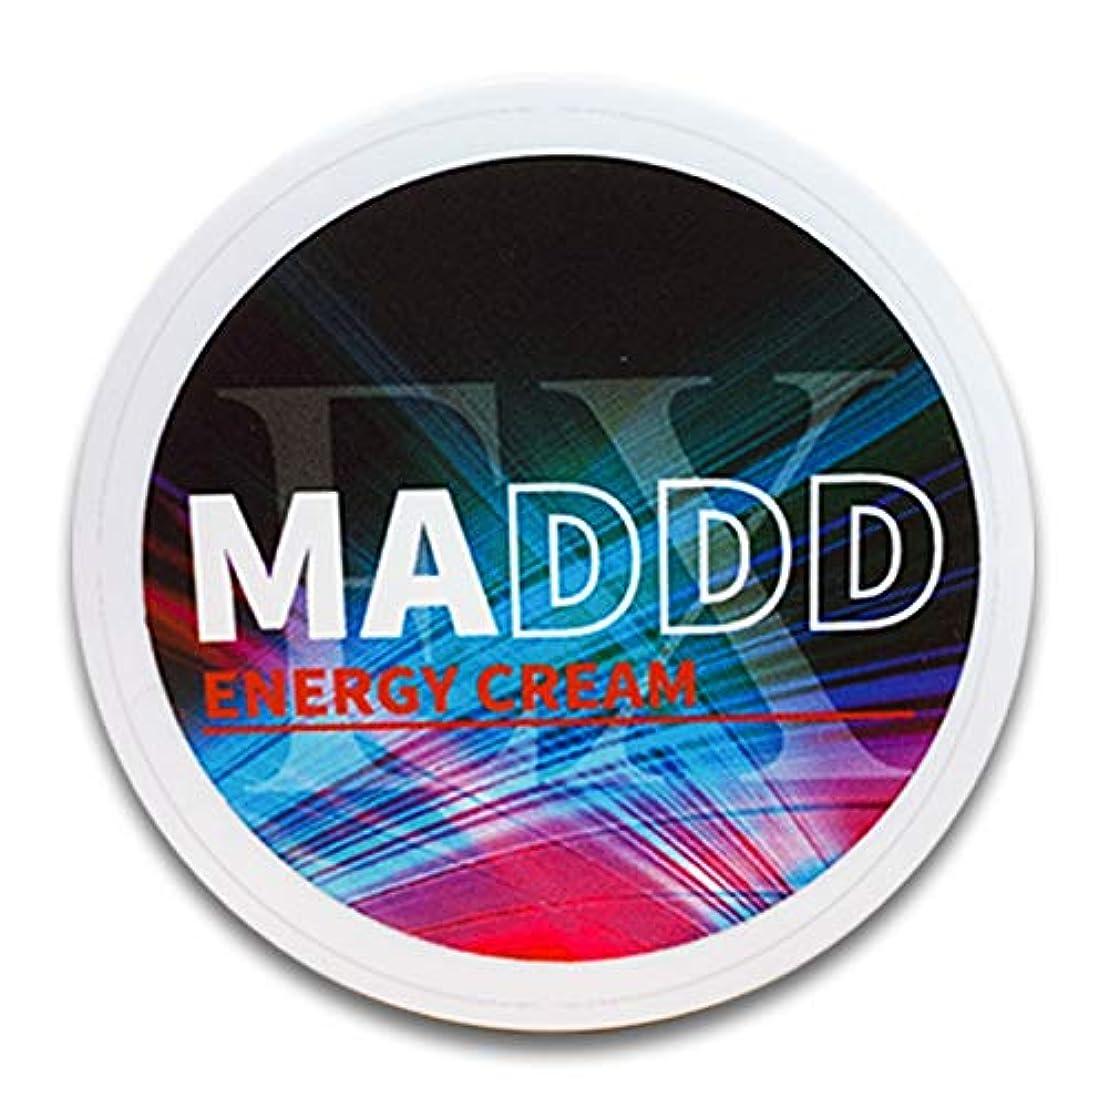 つま先今ブレンドMADDD EX 増大クリーム 自信 持続力 厳選成分 50g (単品購入)